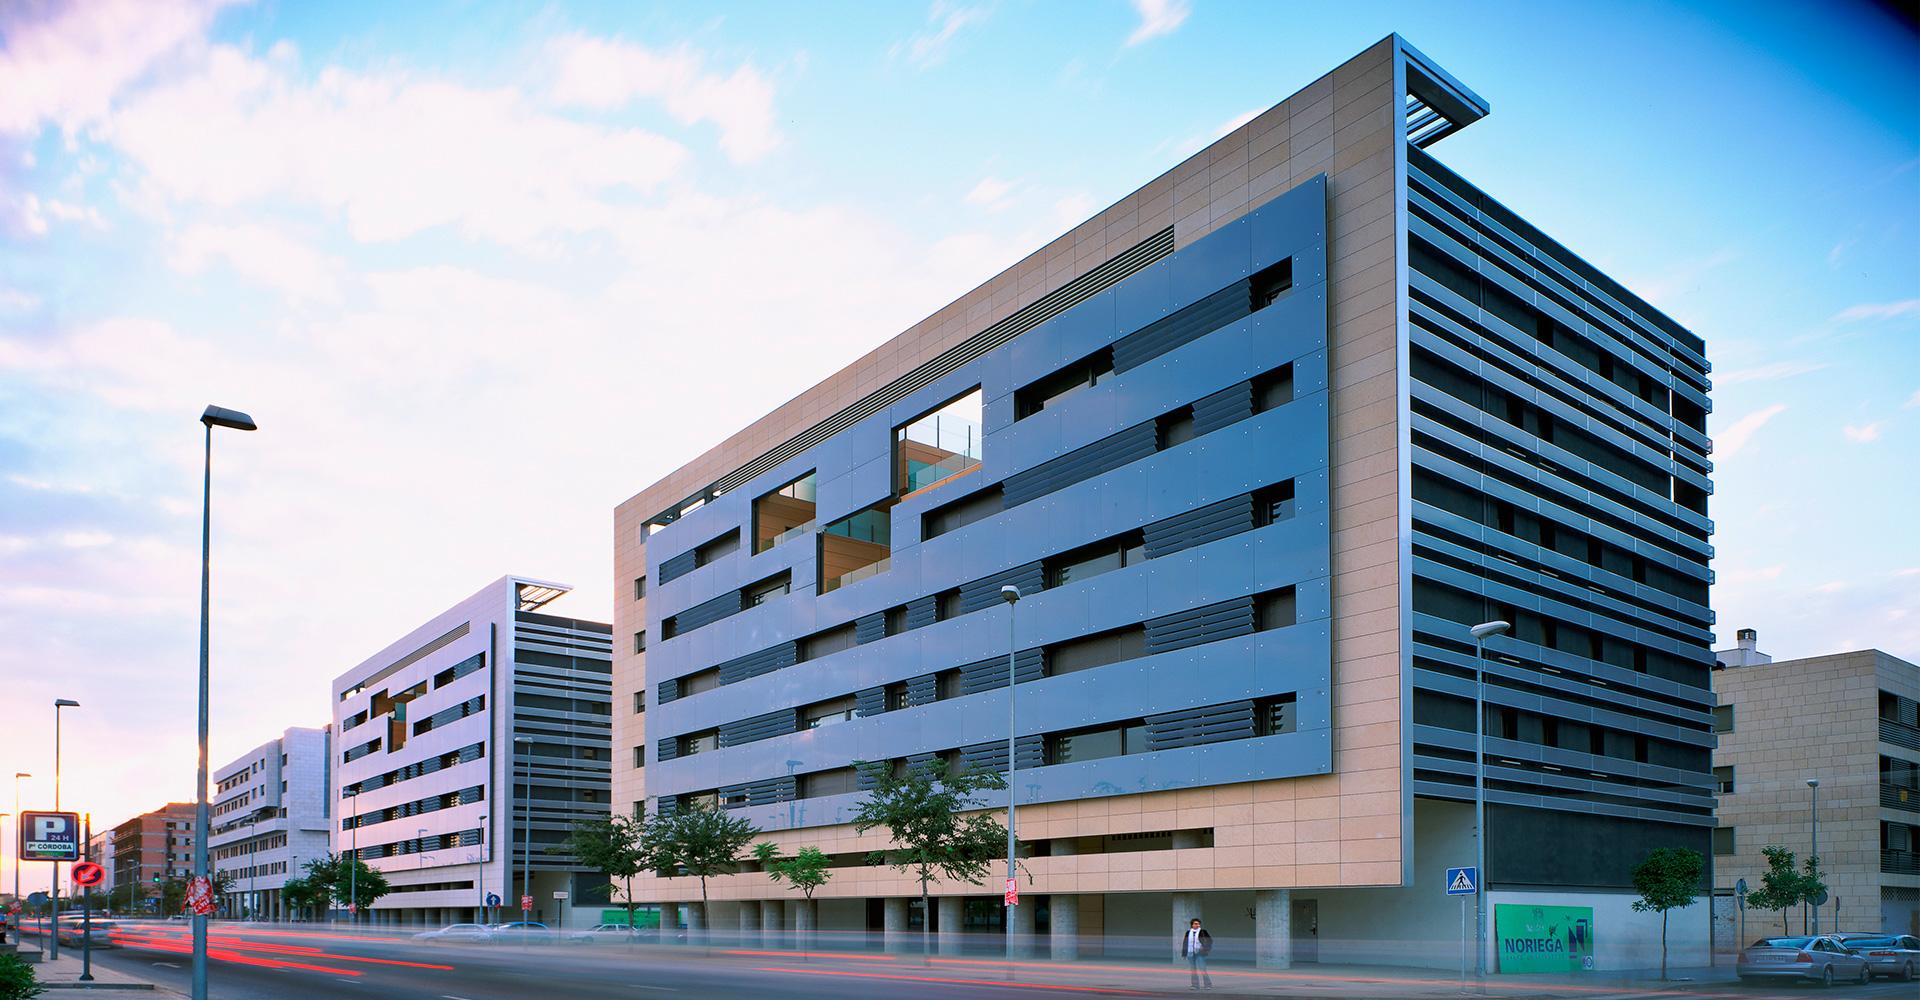 Estudio de arquitectura internacional en madrid - Estudios de arquitectura en madrid ...